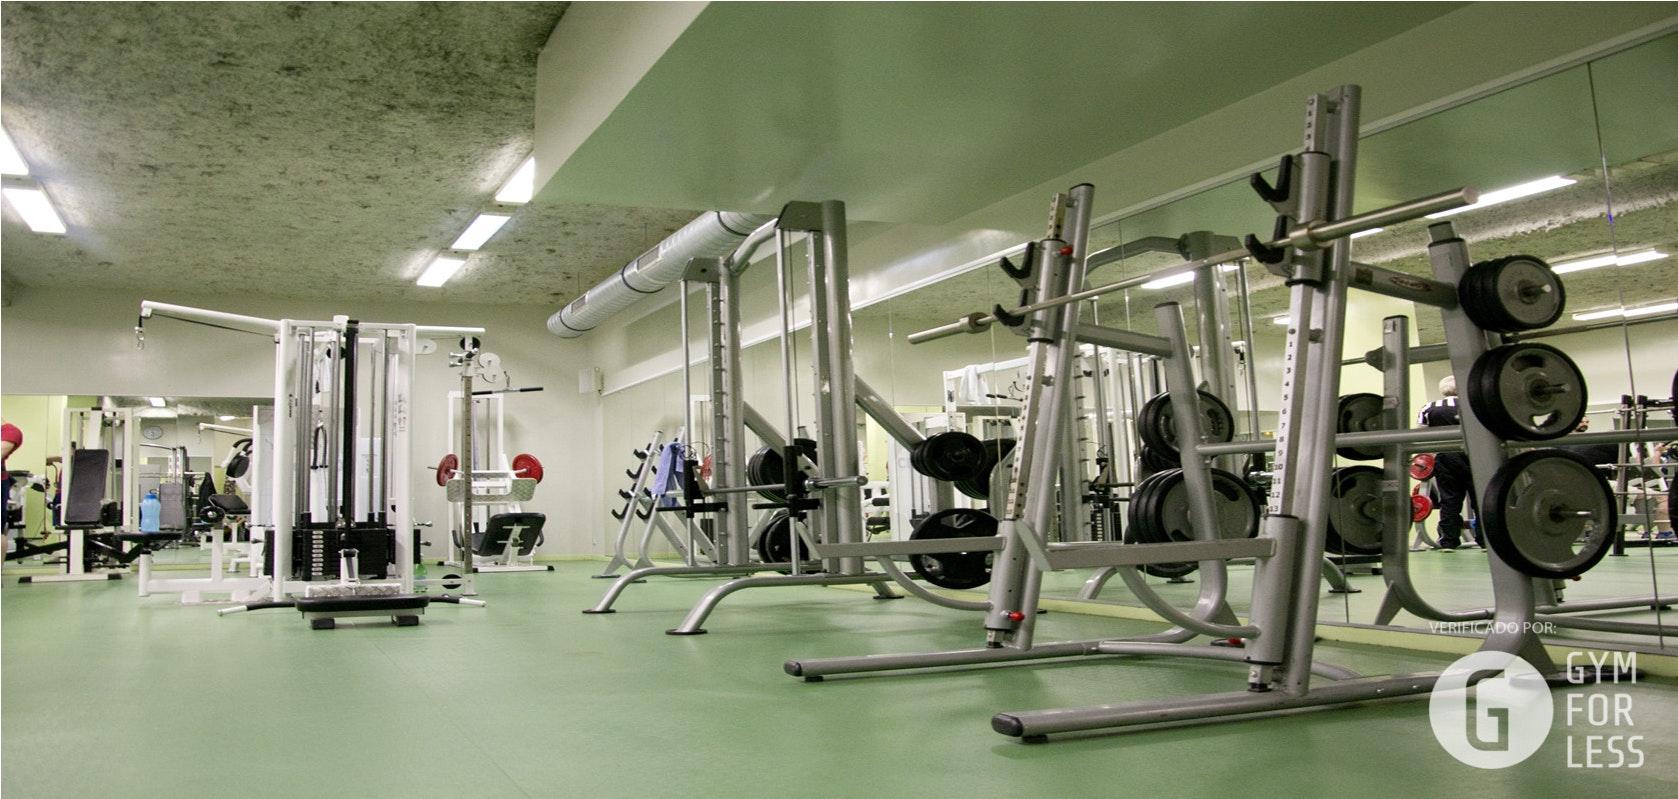 Photo 4 Les meilleurs tarifs  et activités pour le centre Salle Pelleport Paris Sport Club Paris